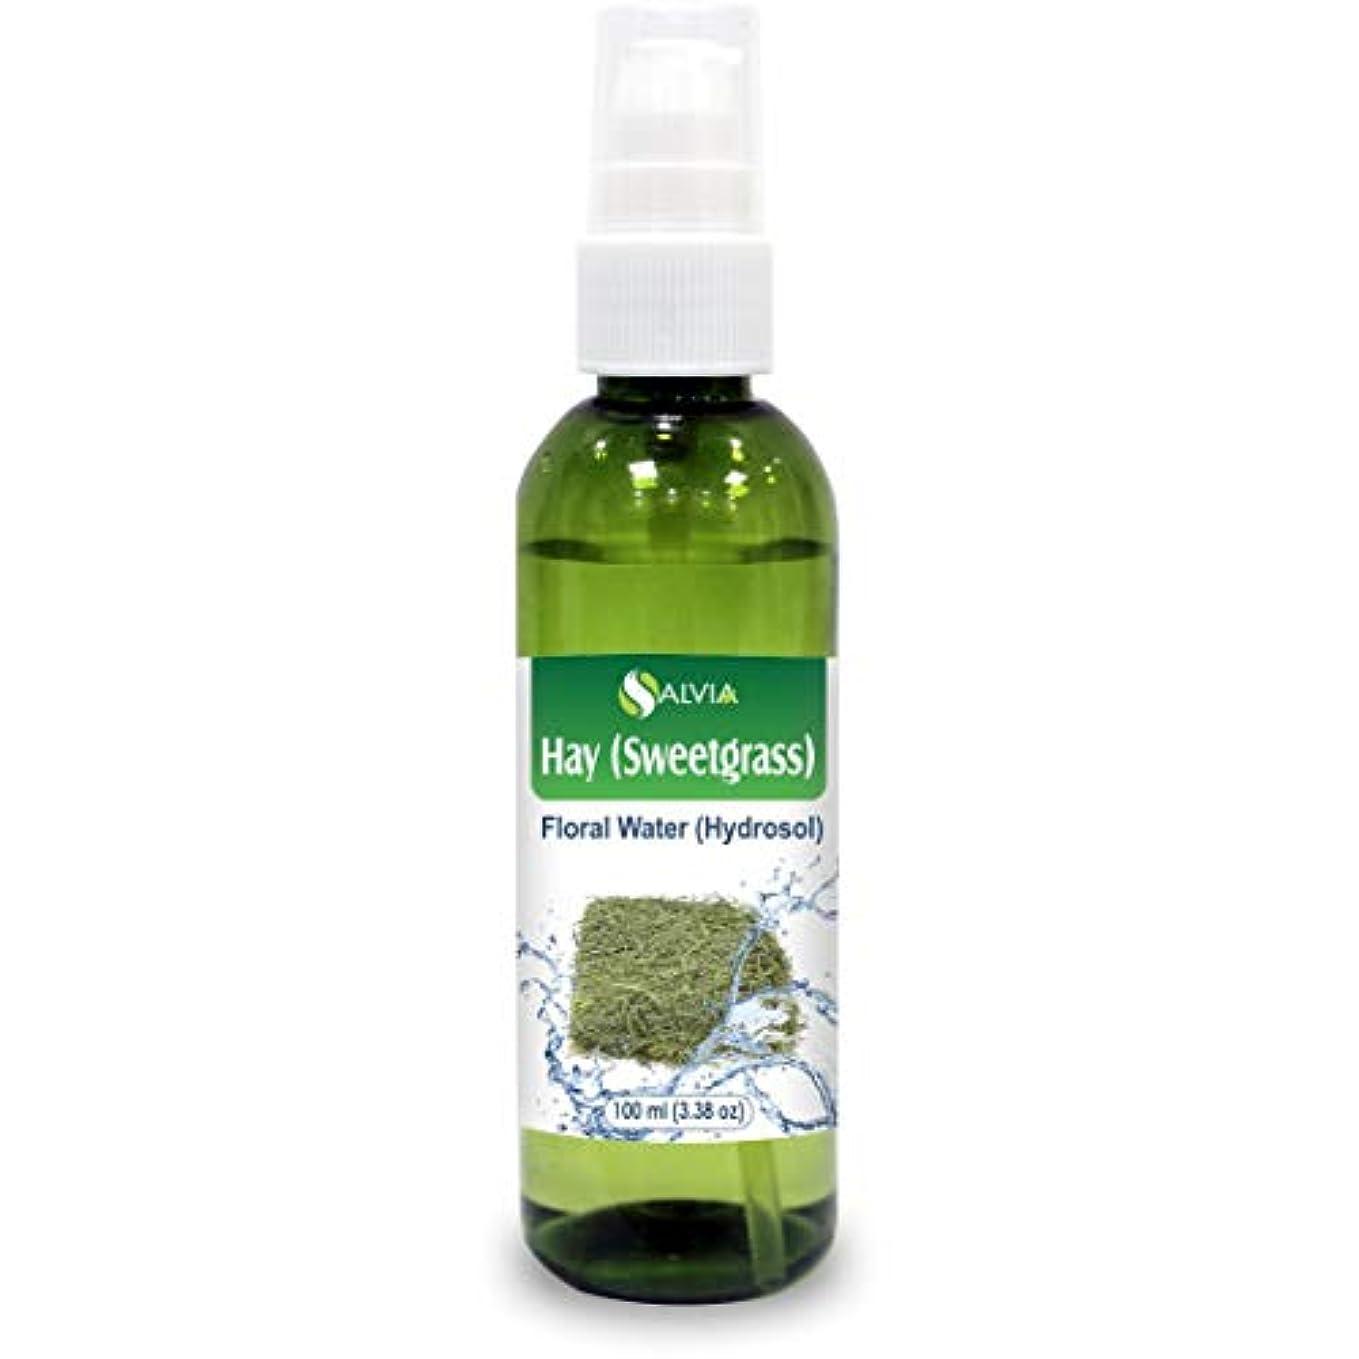 テメリティ政治チートHay (Sweetgrass) Floral Water 100ml (Hydrosol) 100% Pure And Natural